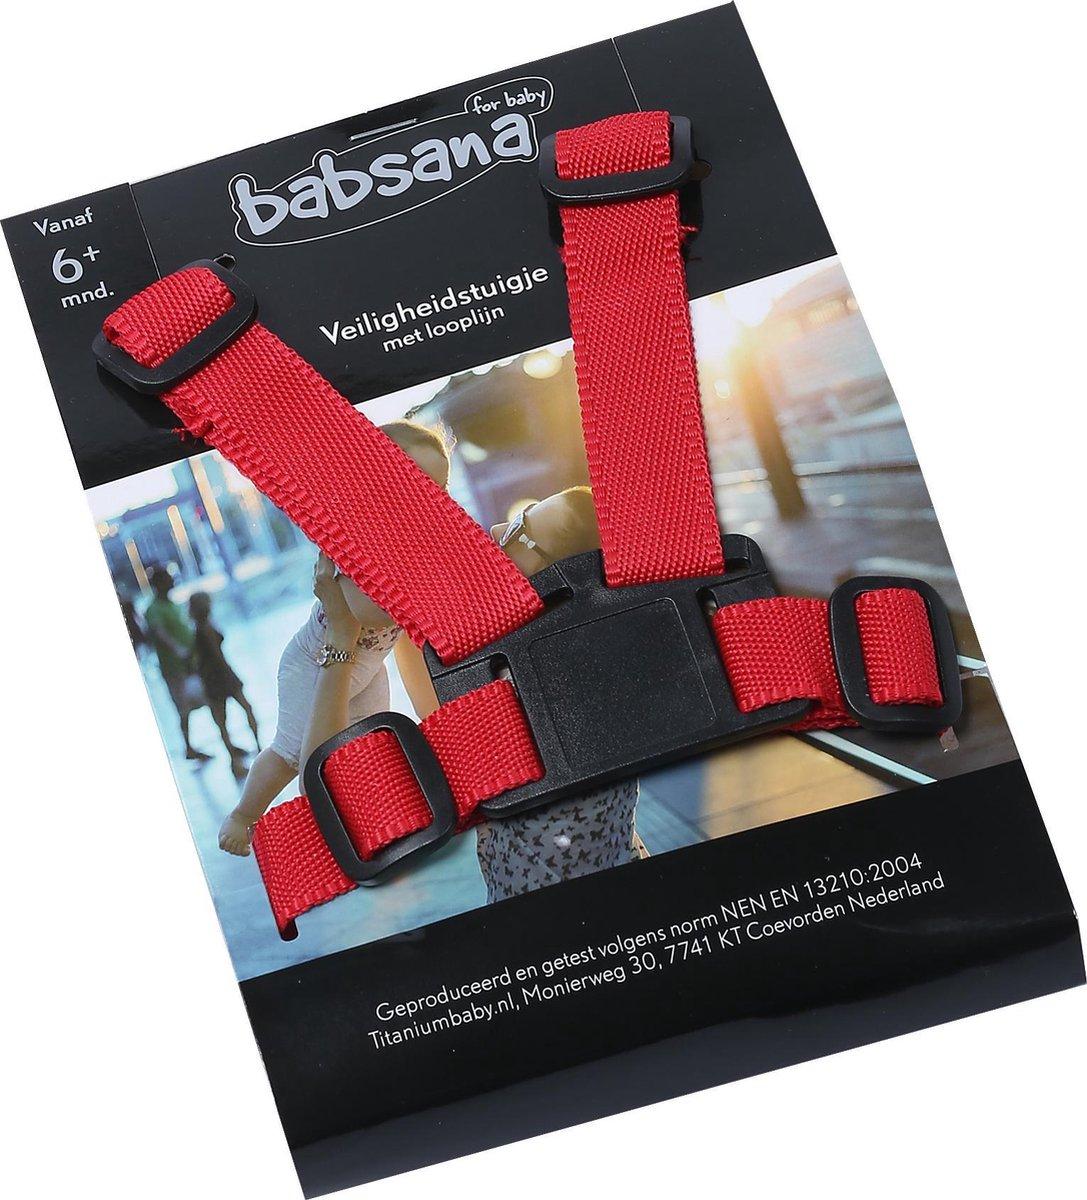 Babsana Veiligheidstuigje Met Looplijn - Rood - Titanium Baby